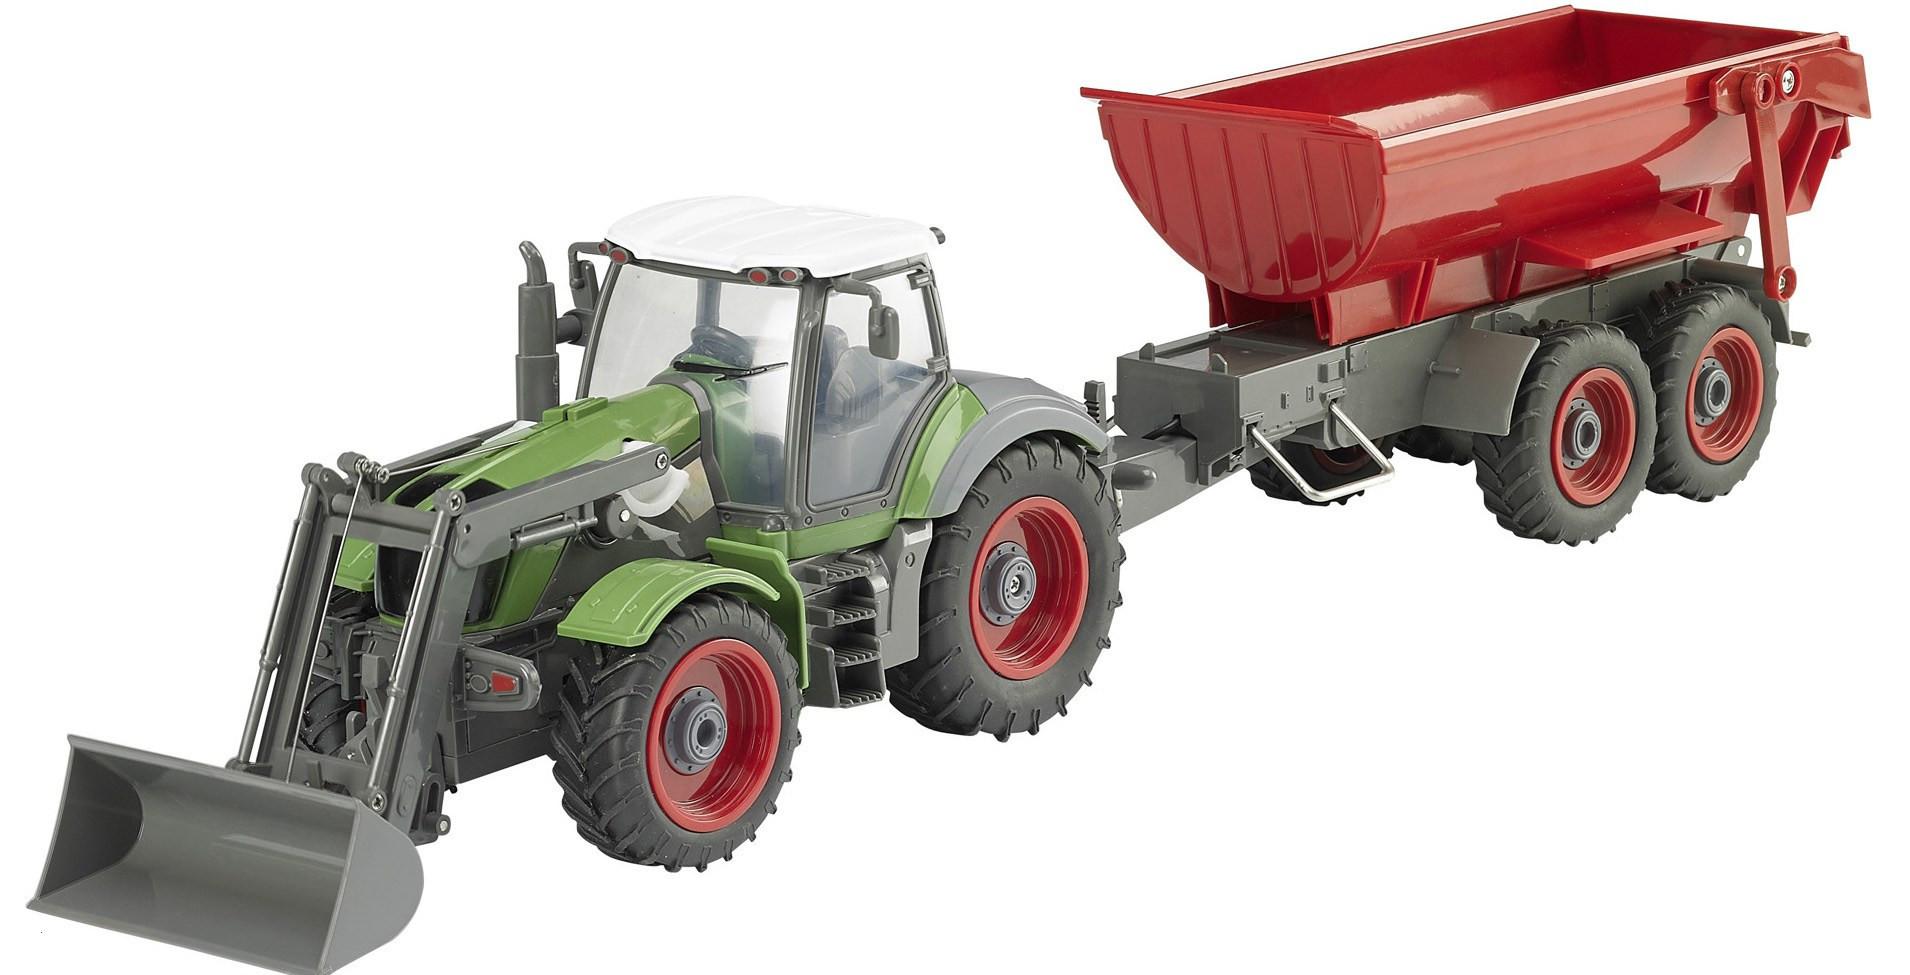 Ausmalbilder Traktor Mit Frontlader Das Beste Von Ausmalbilder Traktoren Fendt Genial Fendt 1050 Vario Malvorlagen Bilder